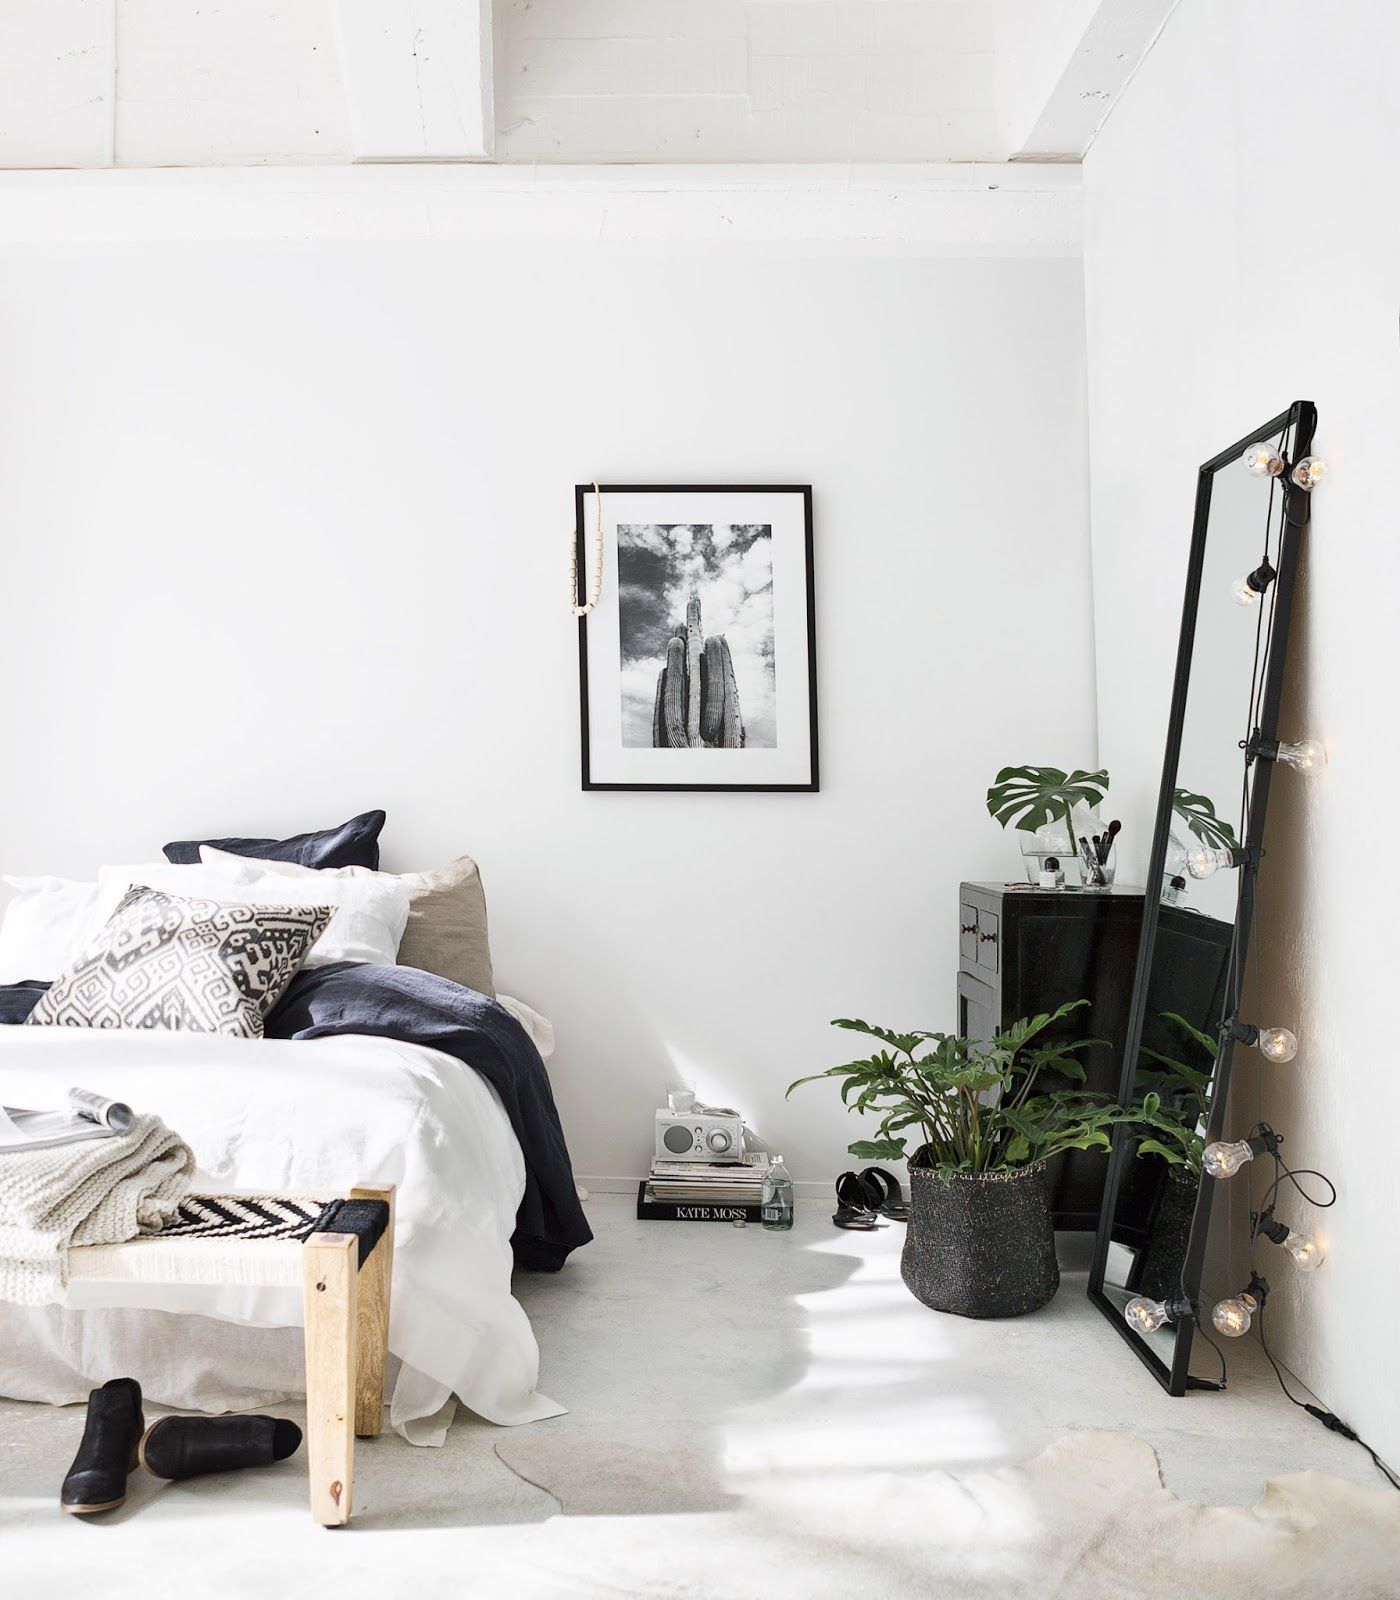 La petite fabrique de rªves Ethnic style une jolie chambre